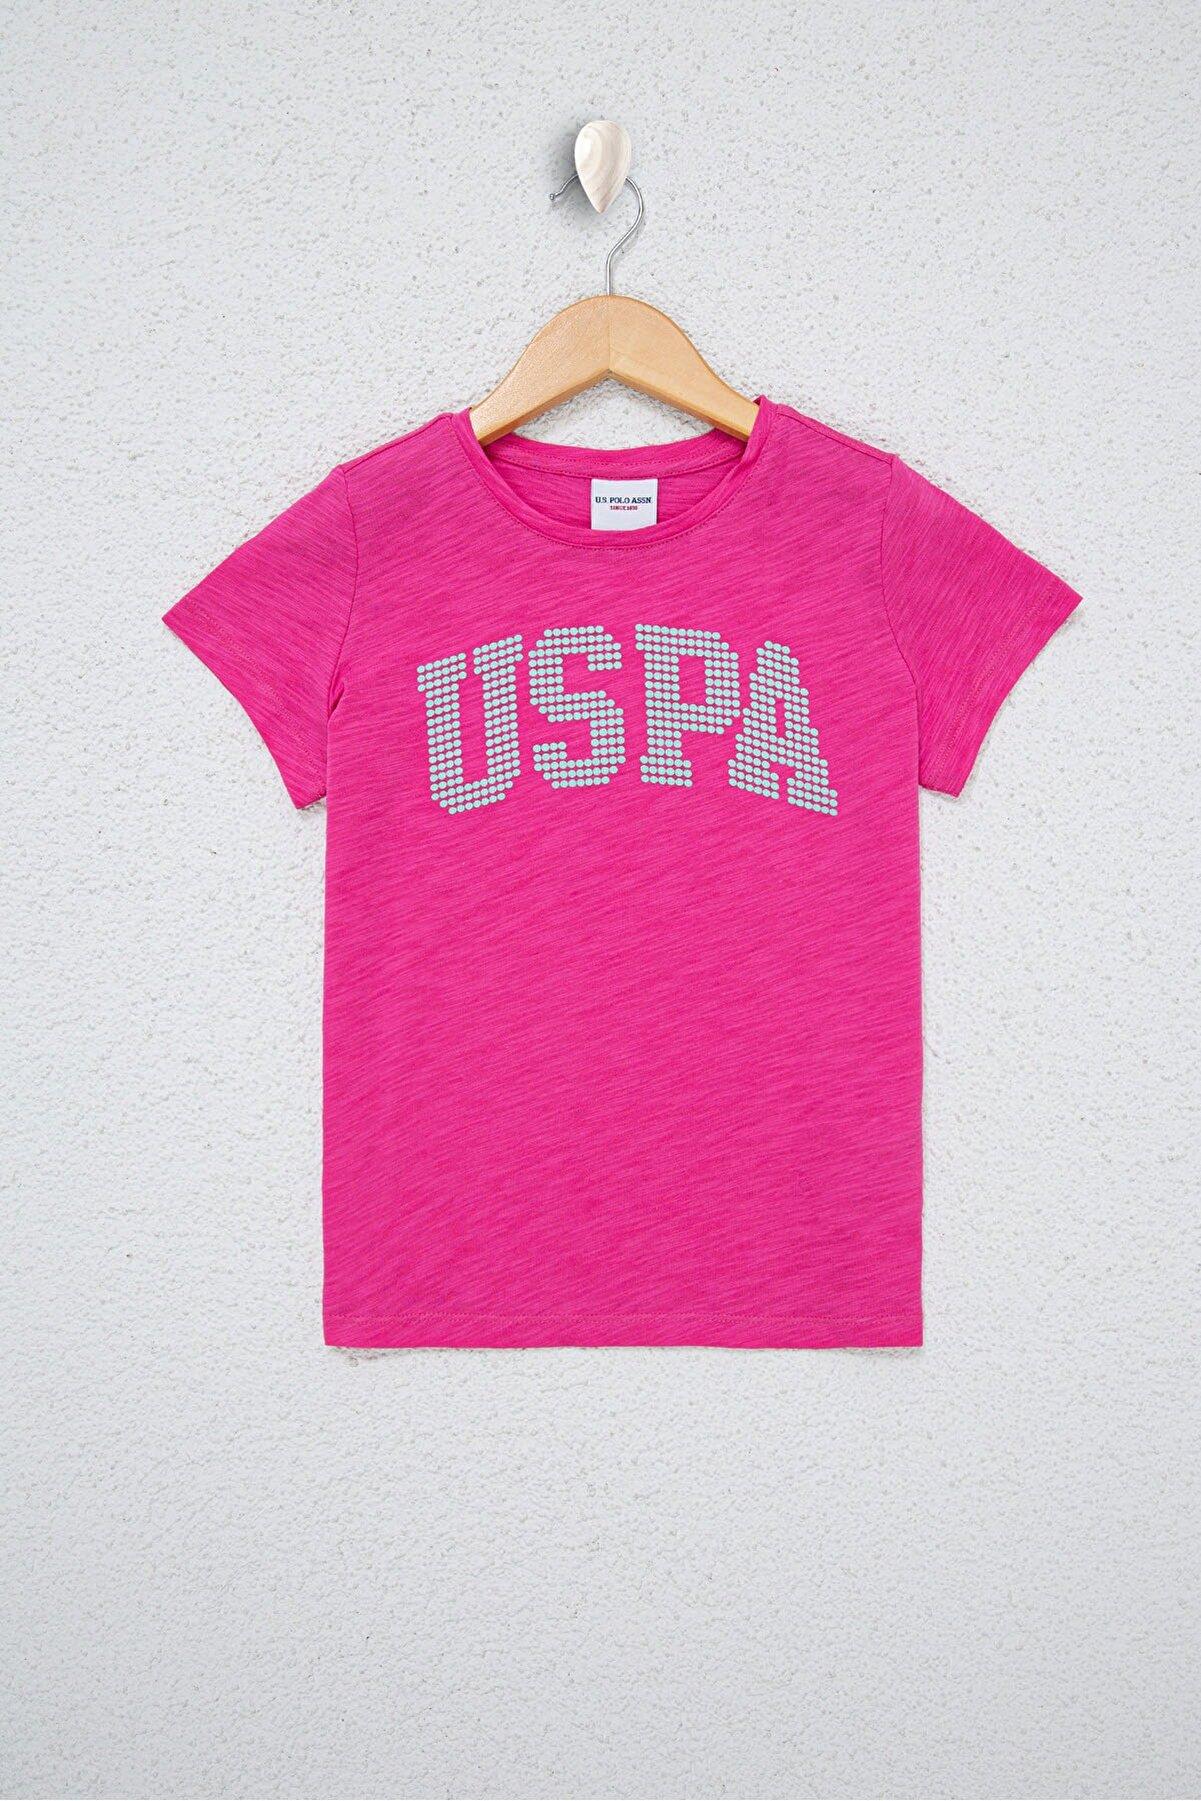 US Polo Assn Pembe Kız Çocuk T-Shirt